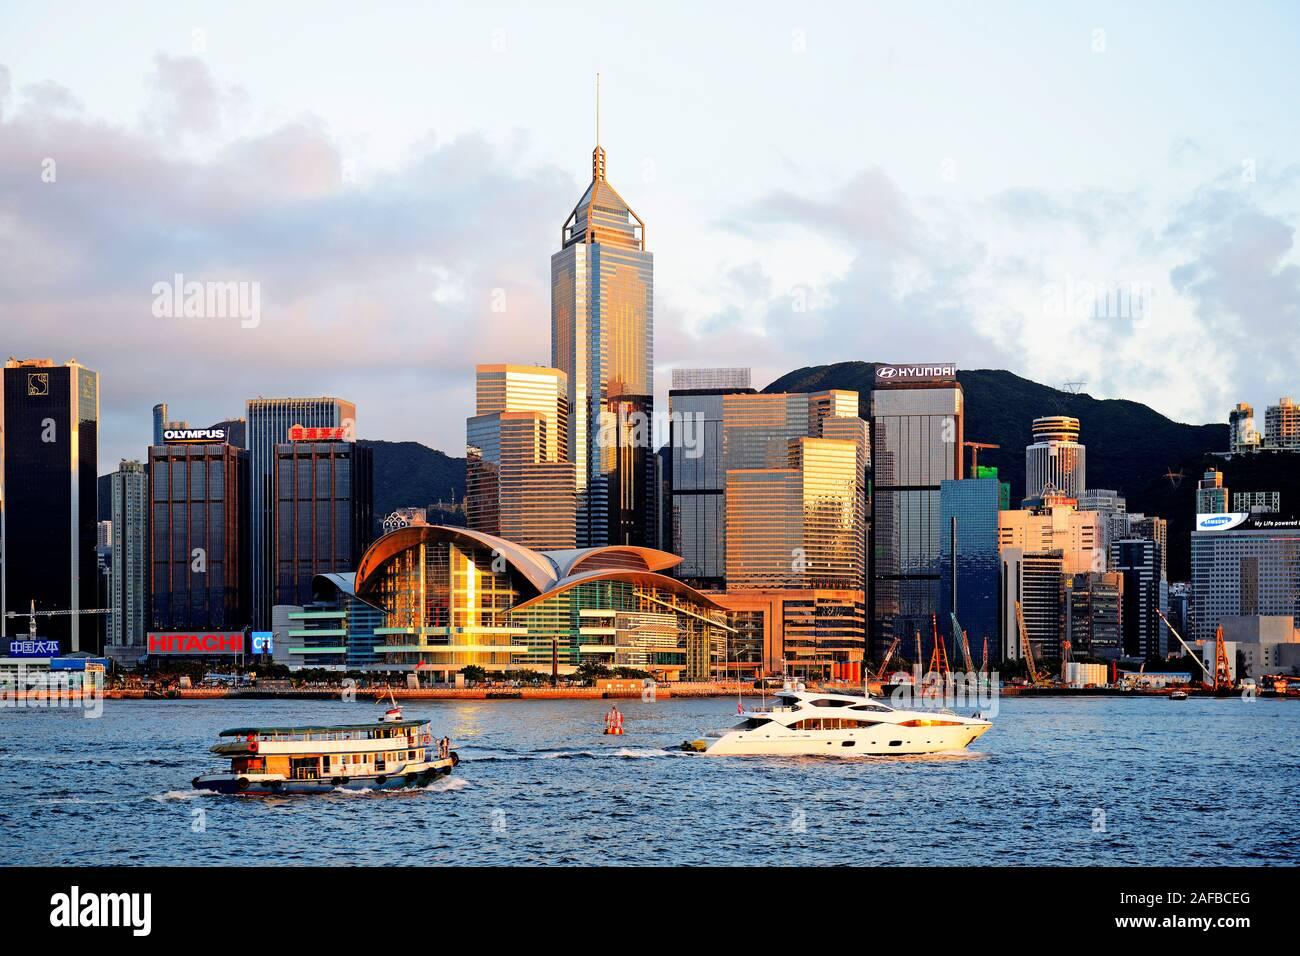 Blick von Kowloon bei Sonnenuntergang auf die Skyline auf Hongkong Island am Hongkong River, mit Booten auf dem Fluß, Central, mit dem International C Stock Photo